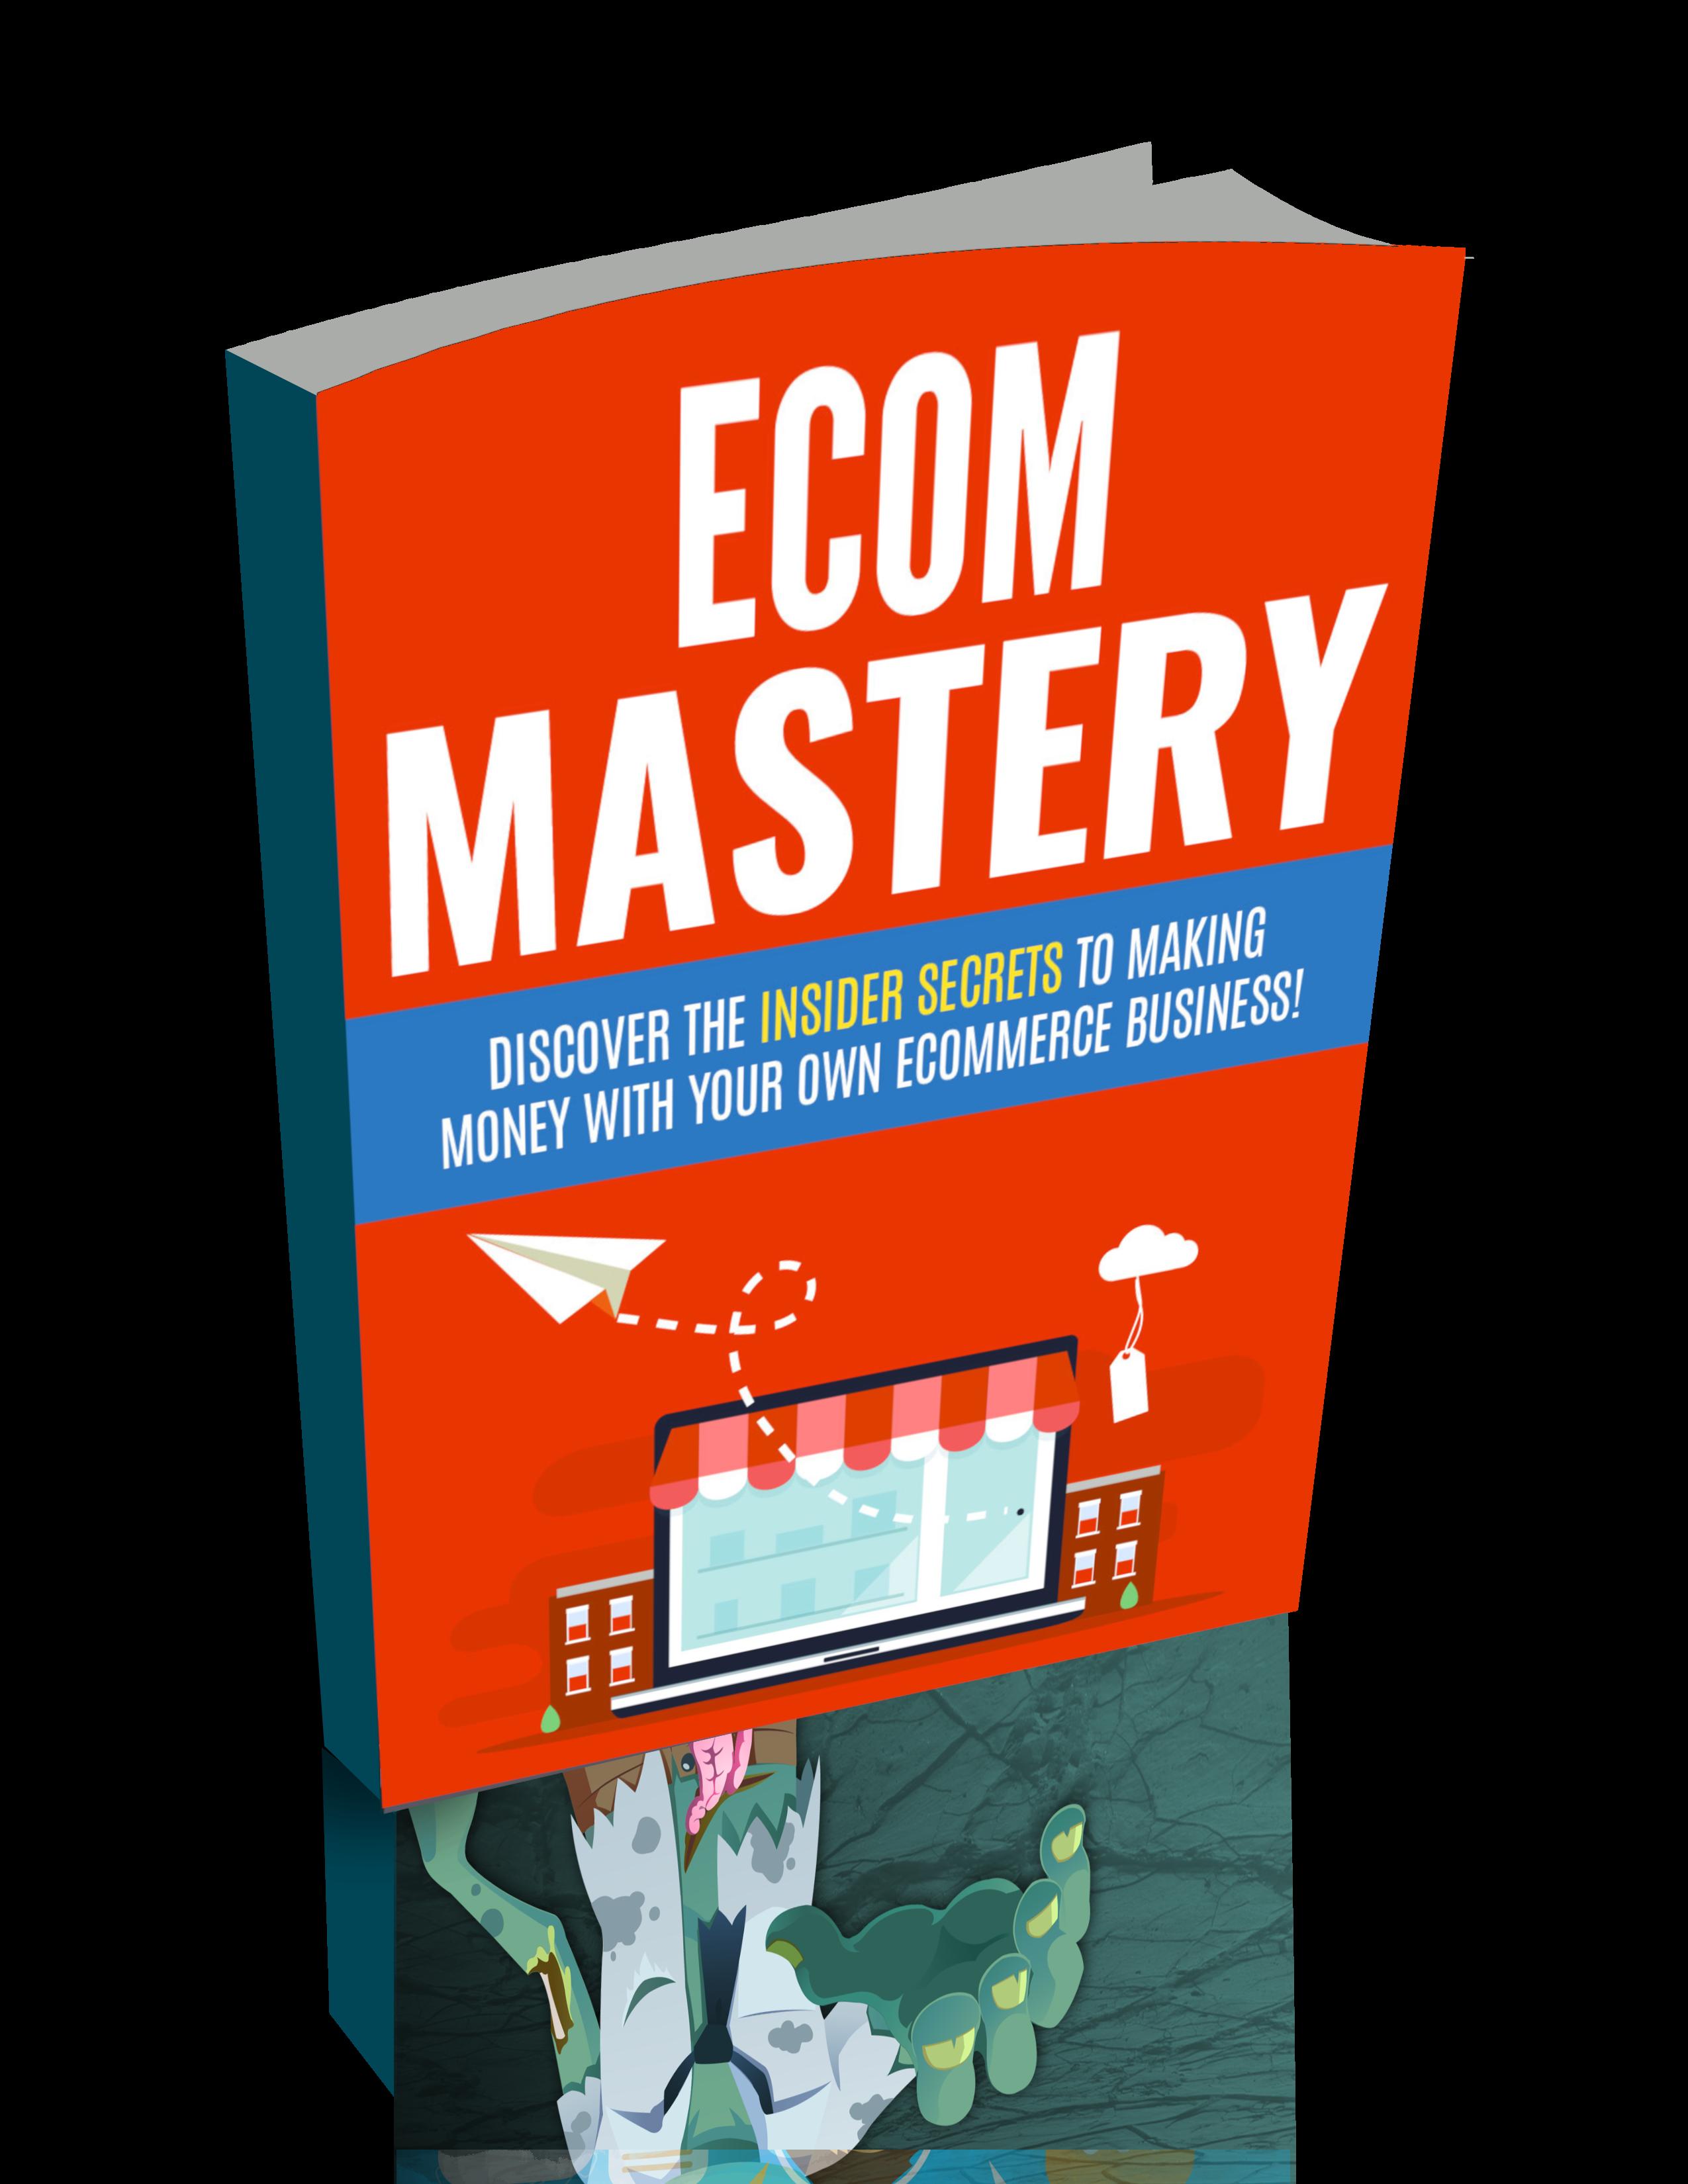 ecommastery